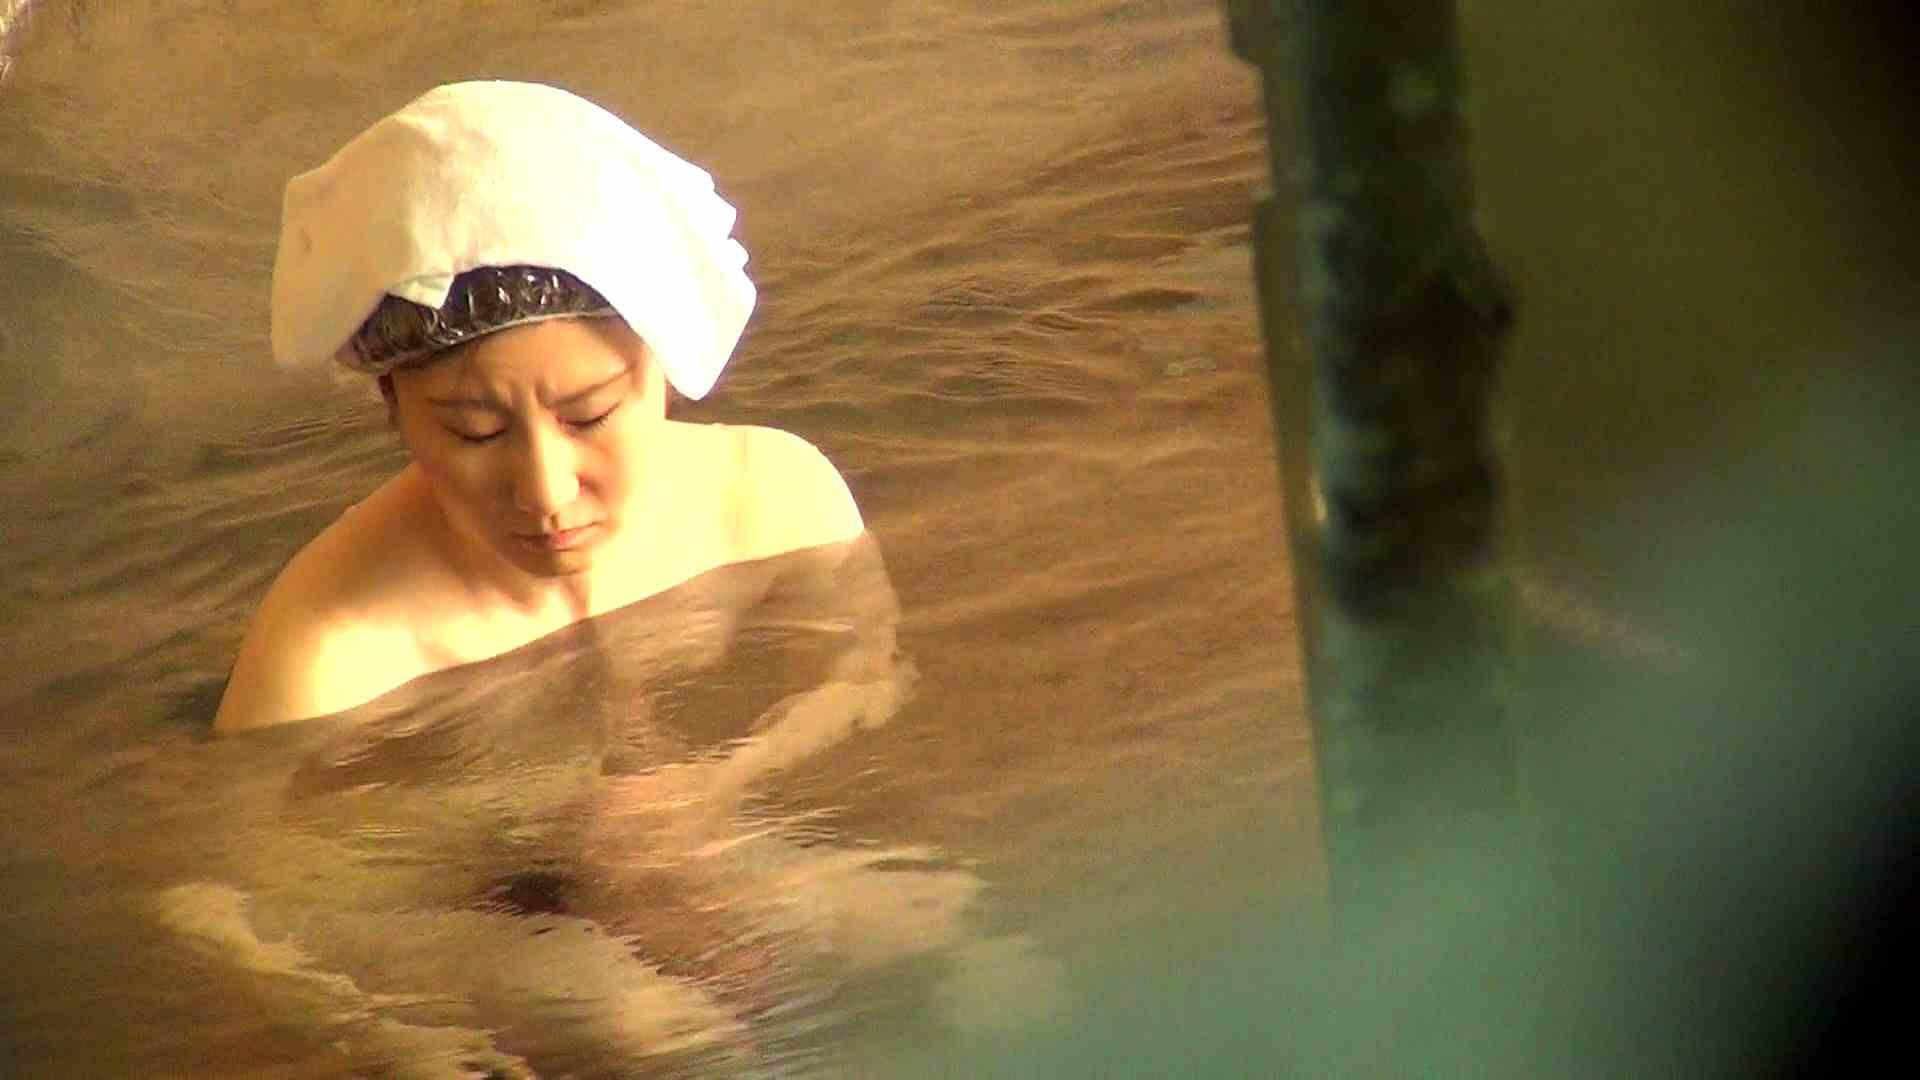 Aquaな露天風呂Vol.278 盗撮 | 露天  100画像 85